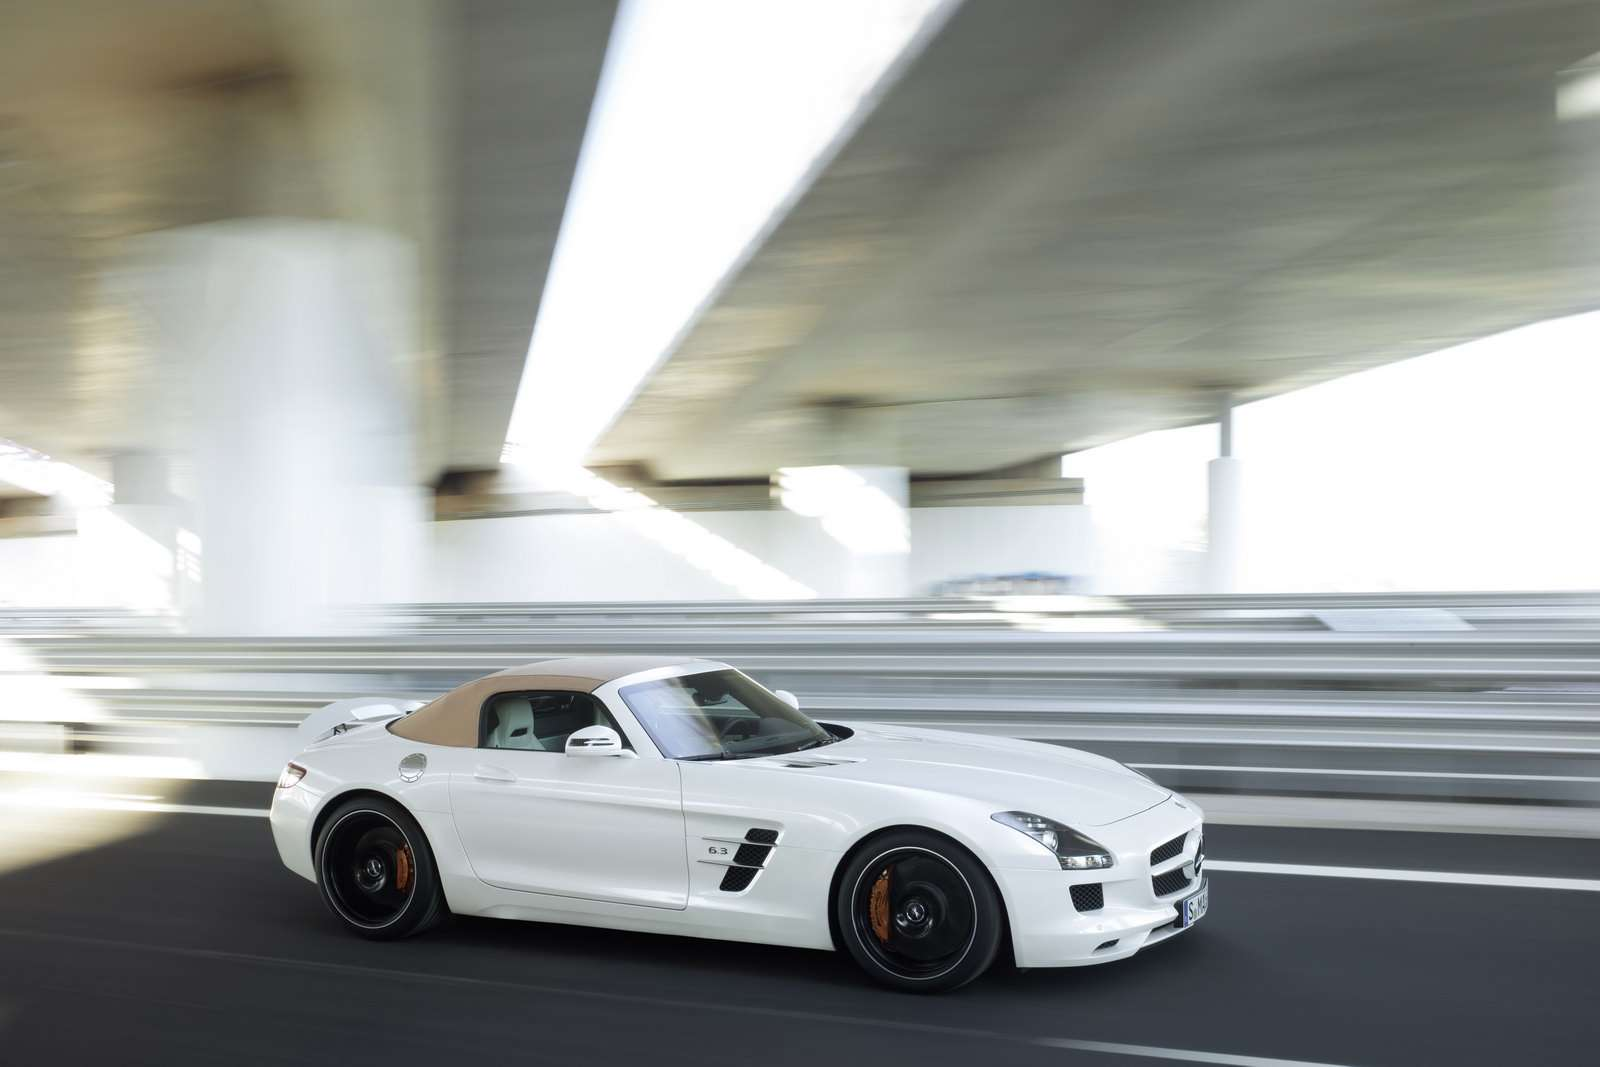 2012 Mercedes-Benz SLS AMG Roadster fot maj 2011